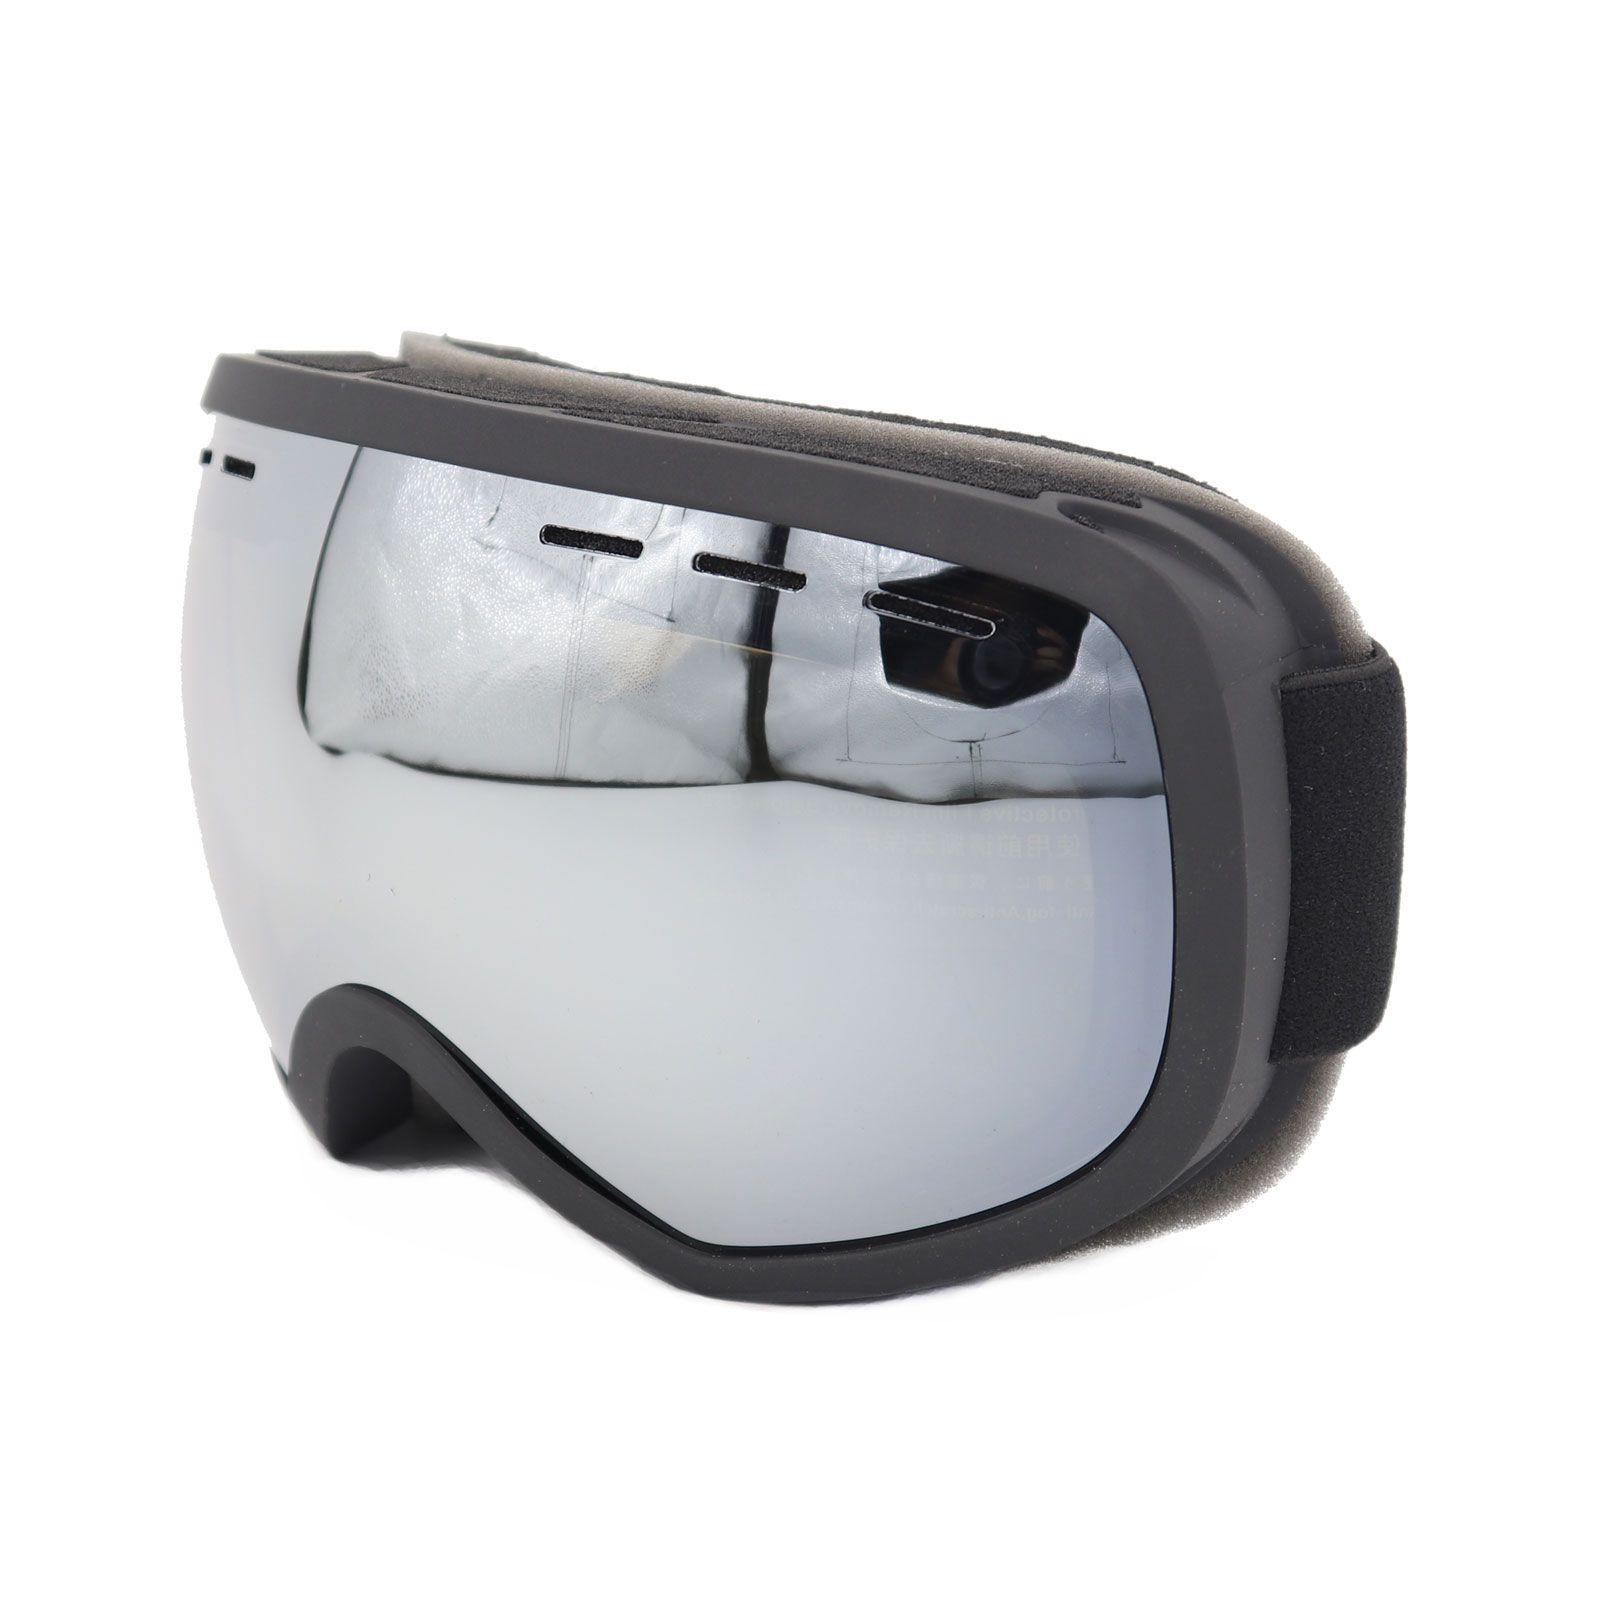 Profesyonel Erkekler Kadınlar Kayak Gözlük Gözlük Çift Katmanlar UV400 Anti-sis Büyük Kayak dava ile Kayak Gözlük Kar Snowboard Goggles Maske